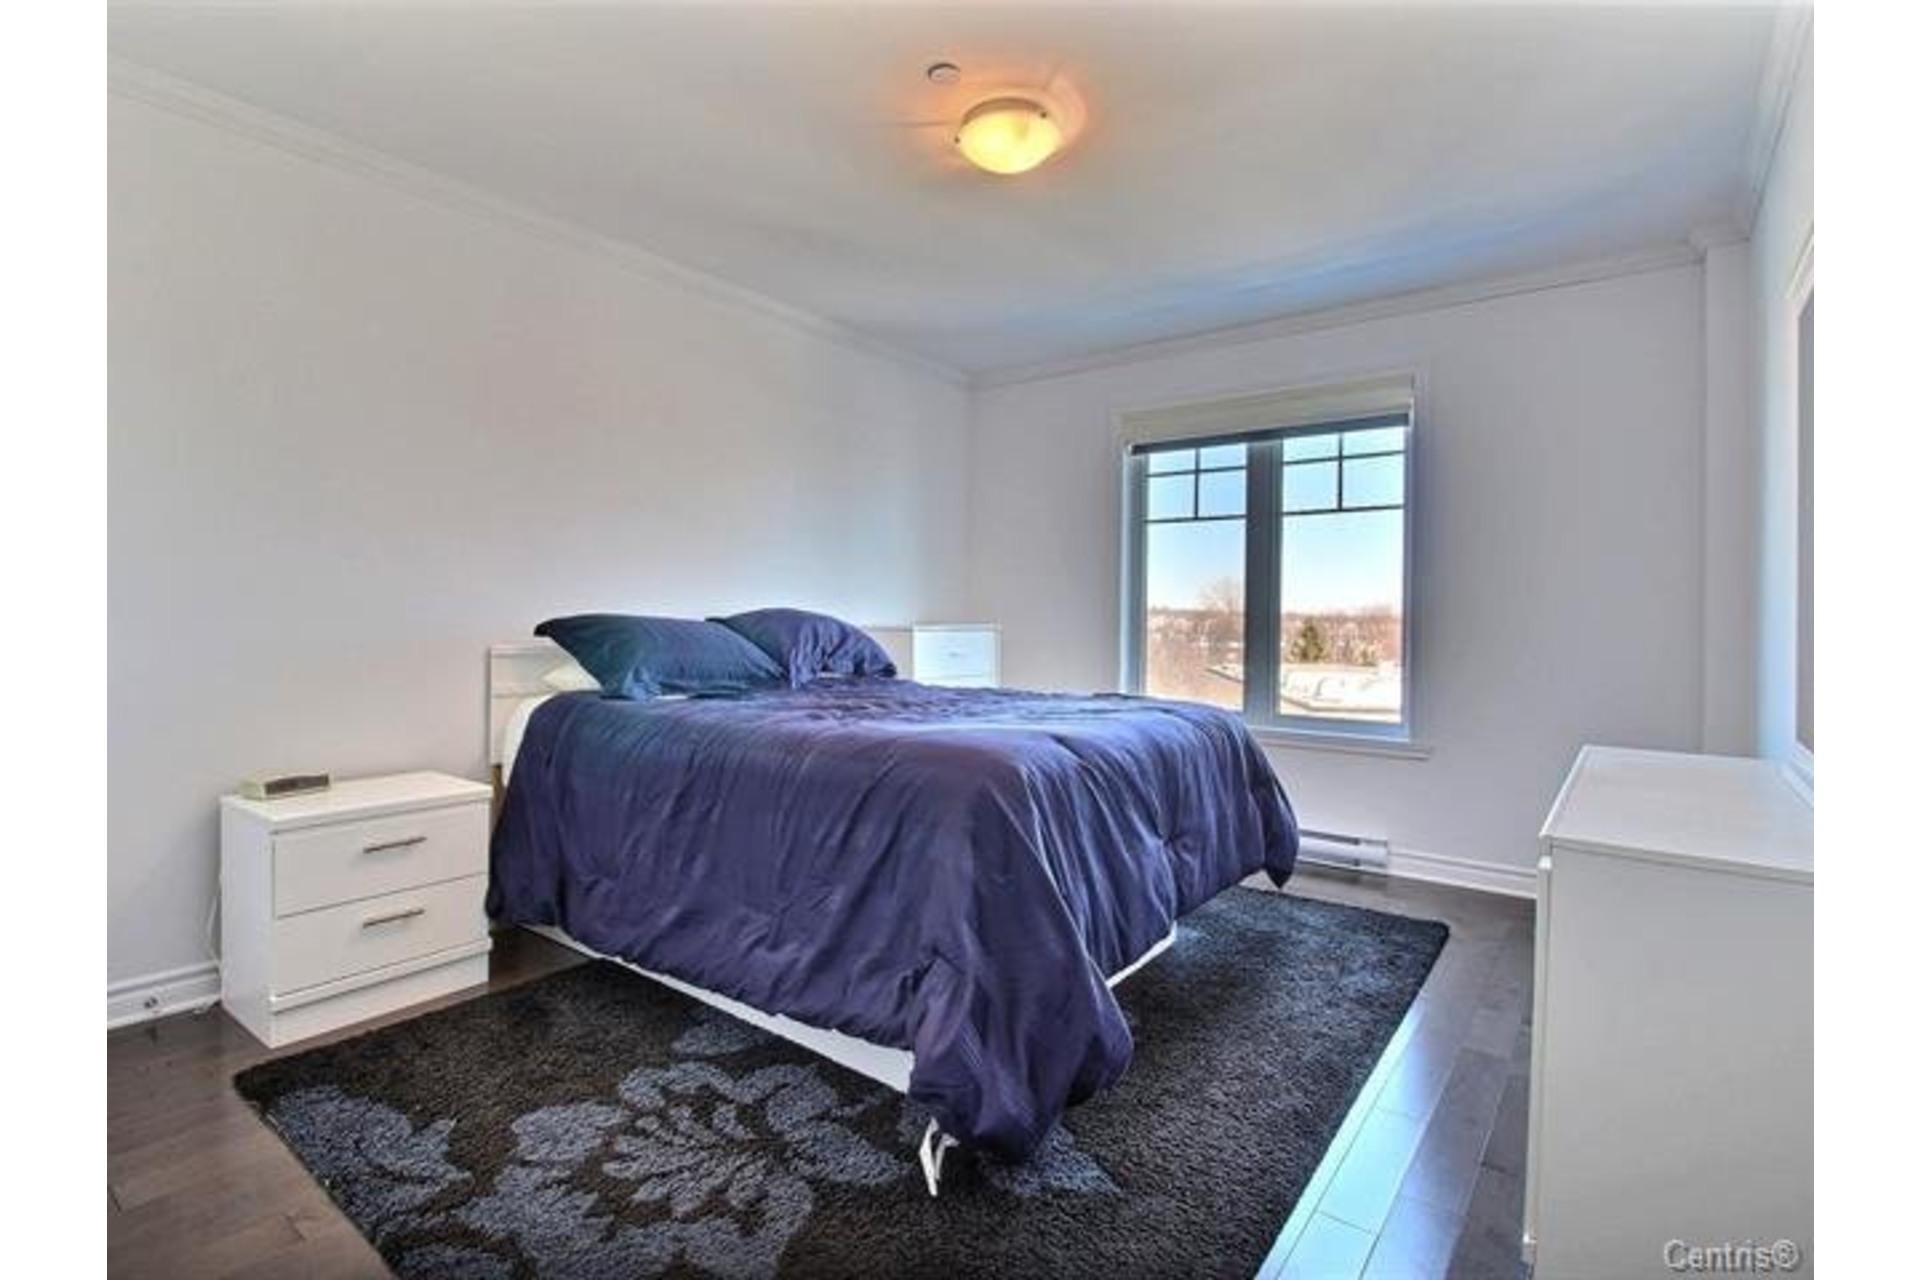 image 8 - Apartment For sale Montréal Pierrefonds-Roxboro  - 7 rooms